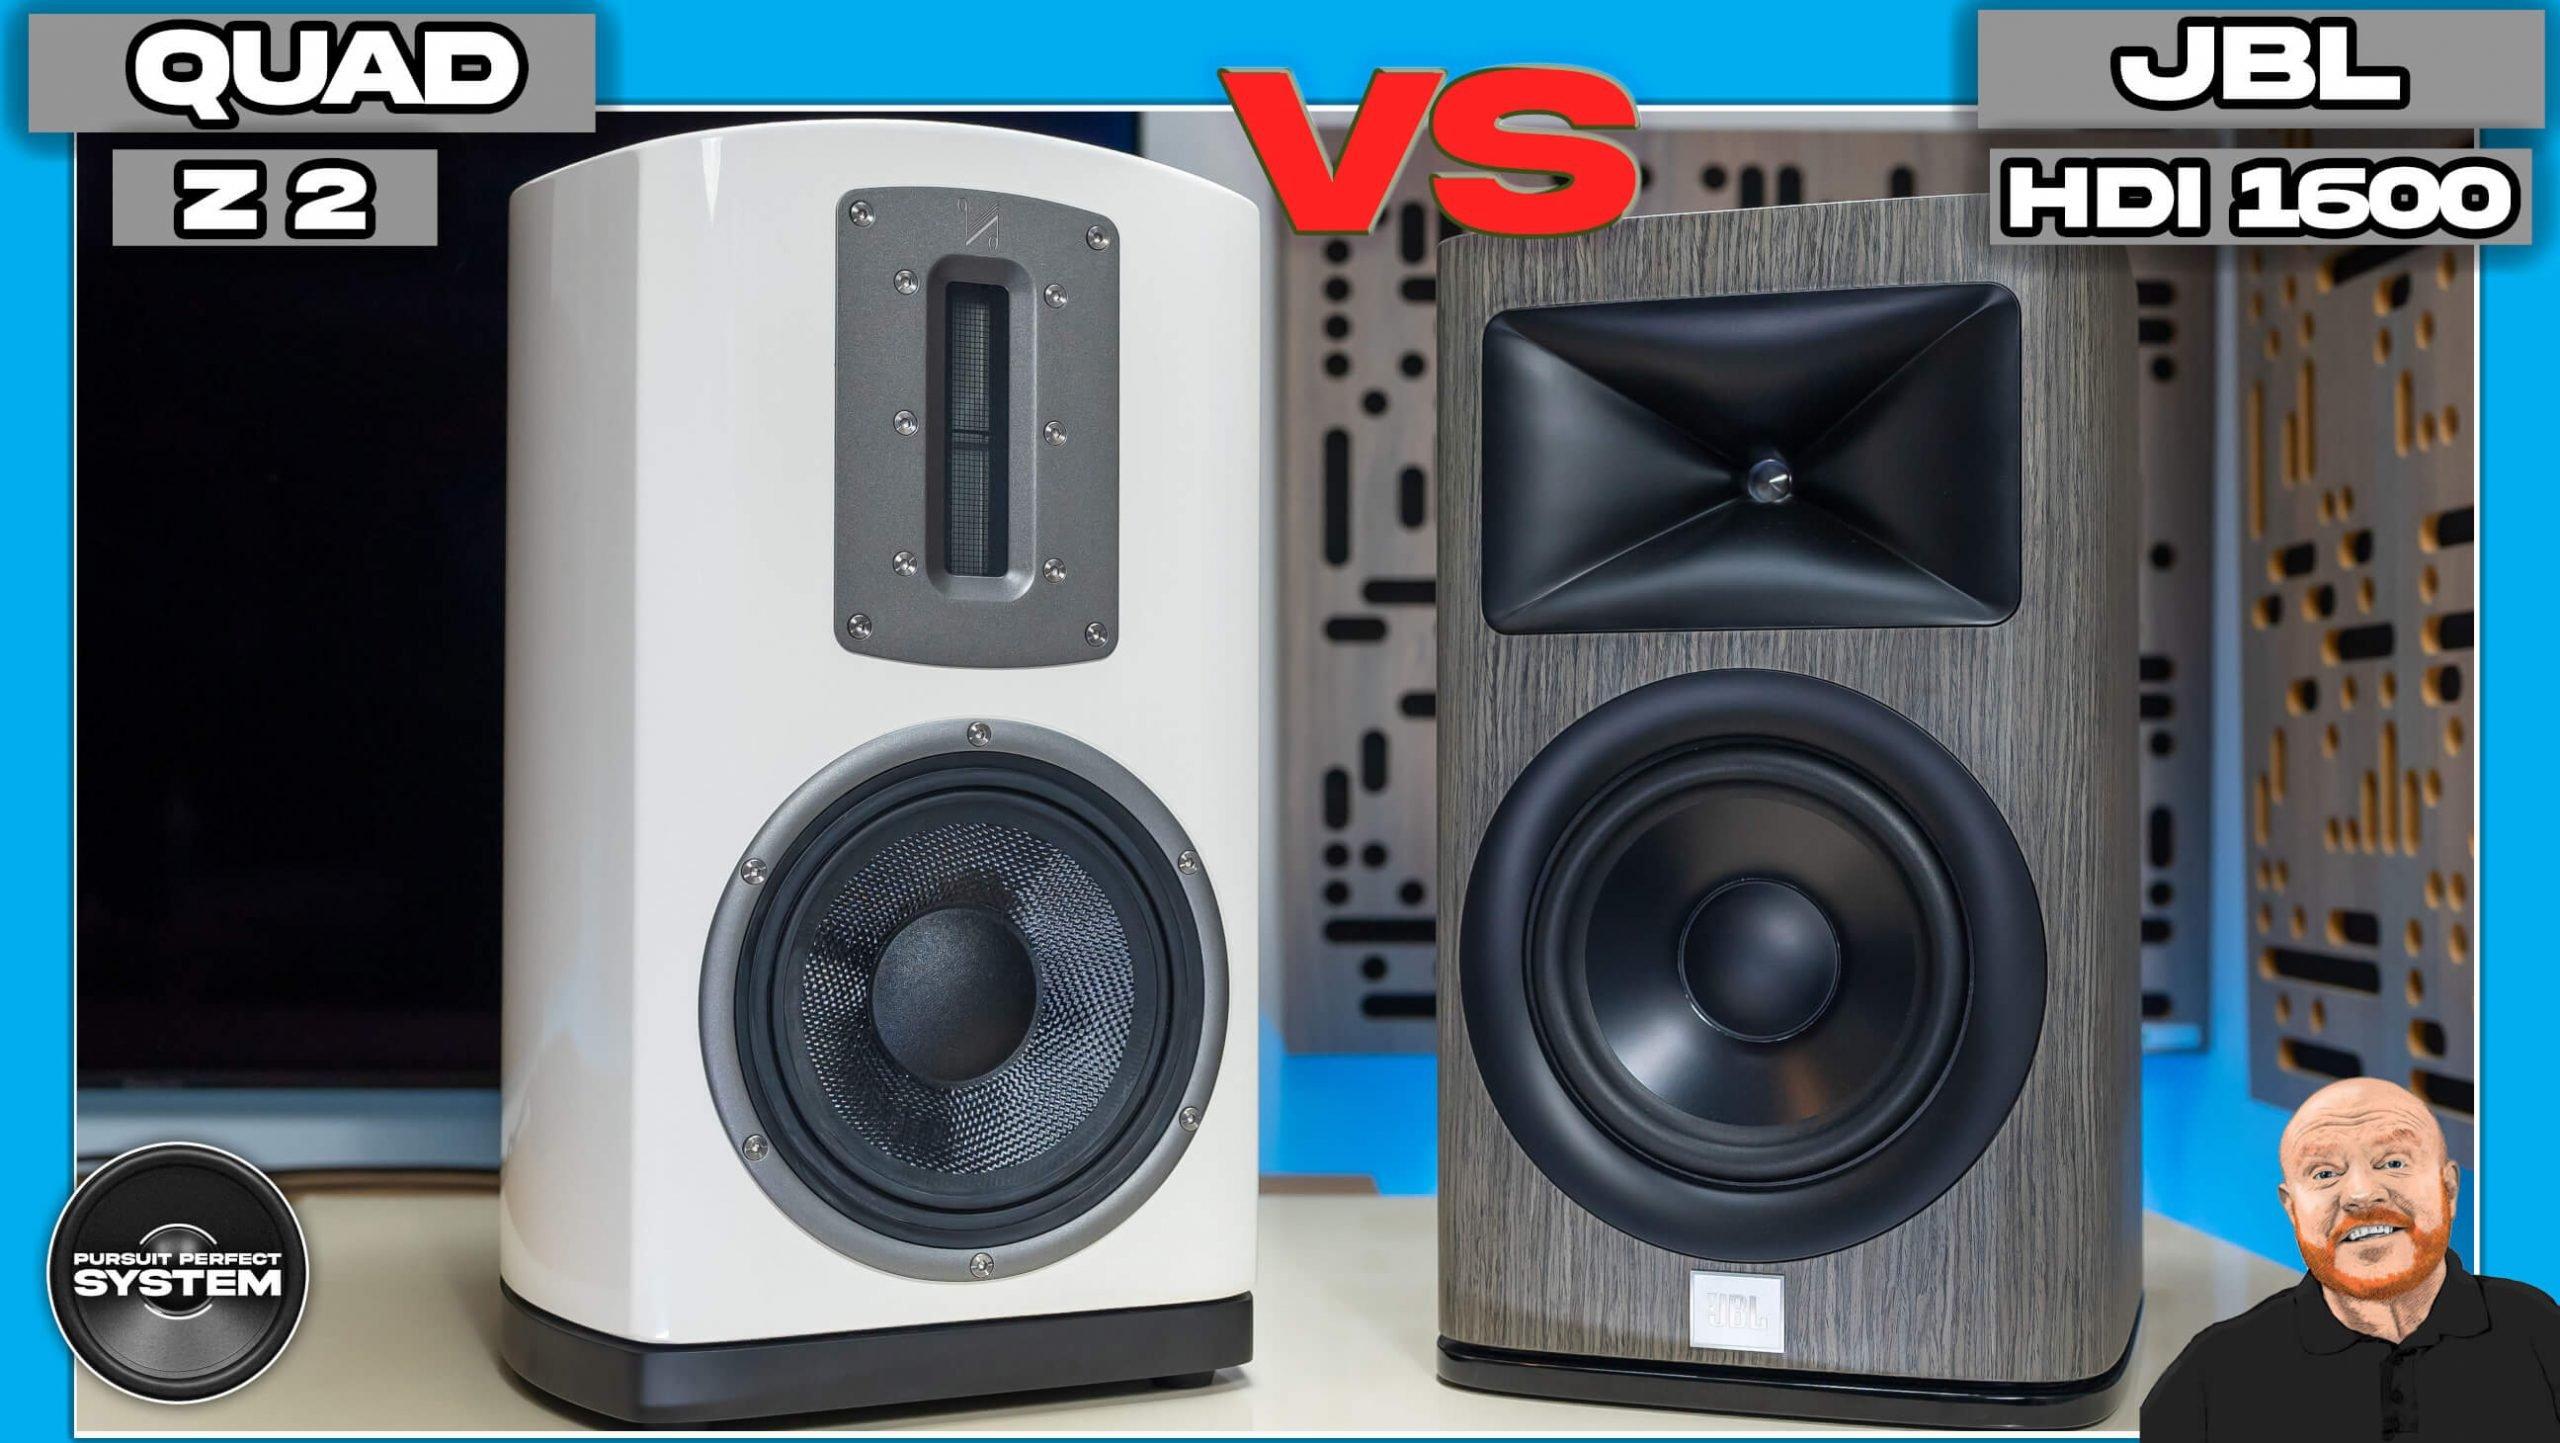 Quad Z2 vs JBL HDI1600